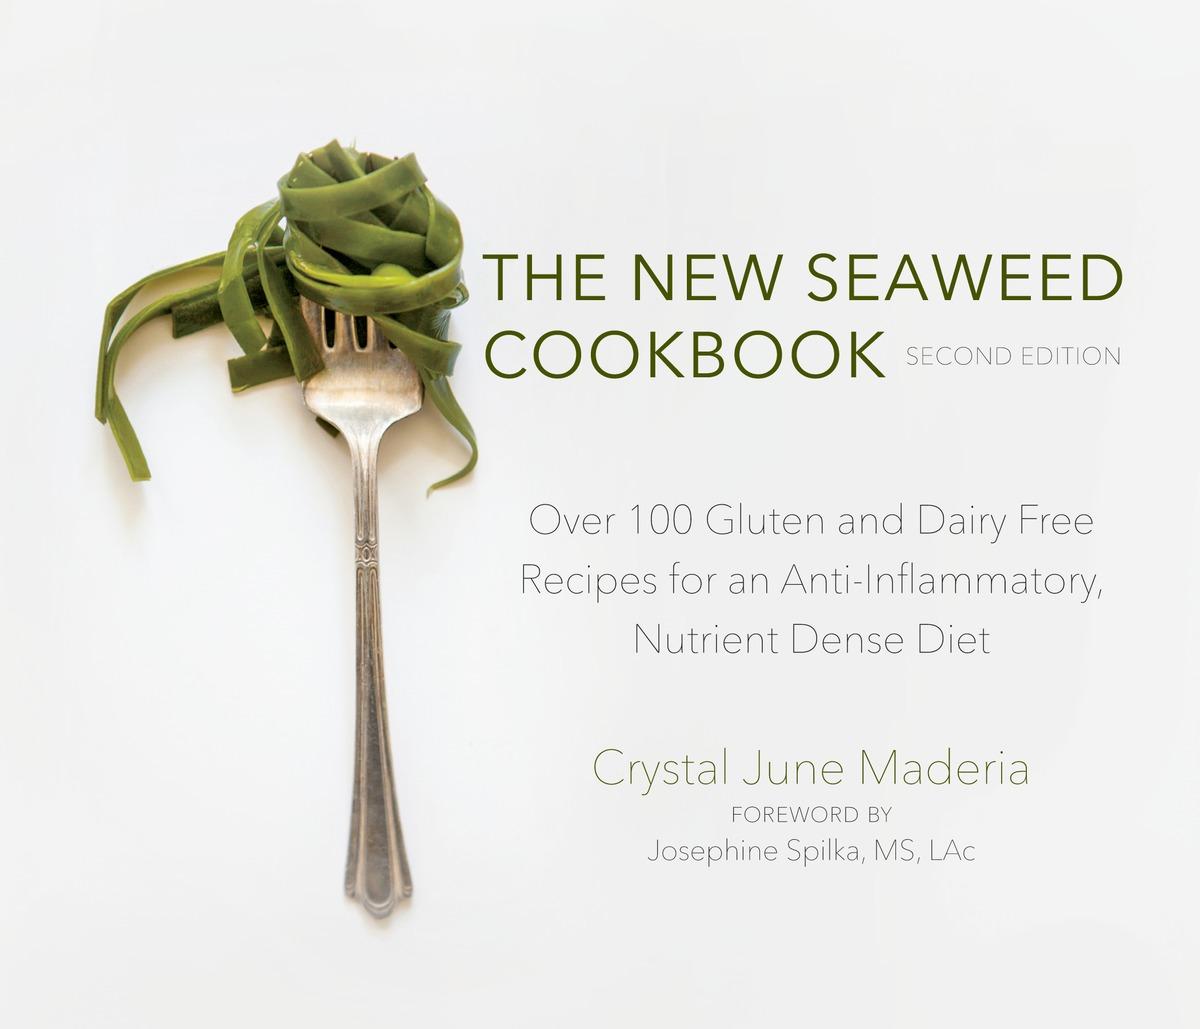 NEW SEAWEED COOKBOOK, SECOND